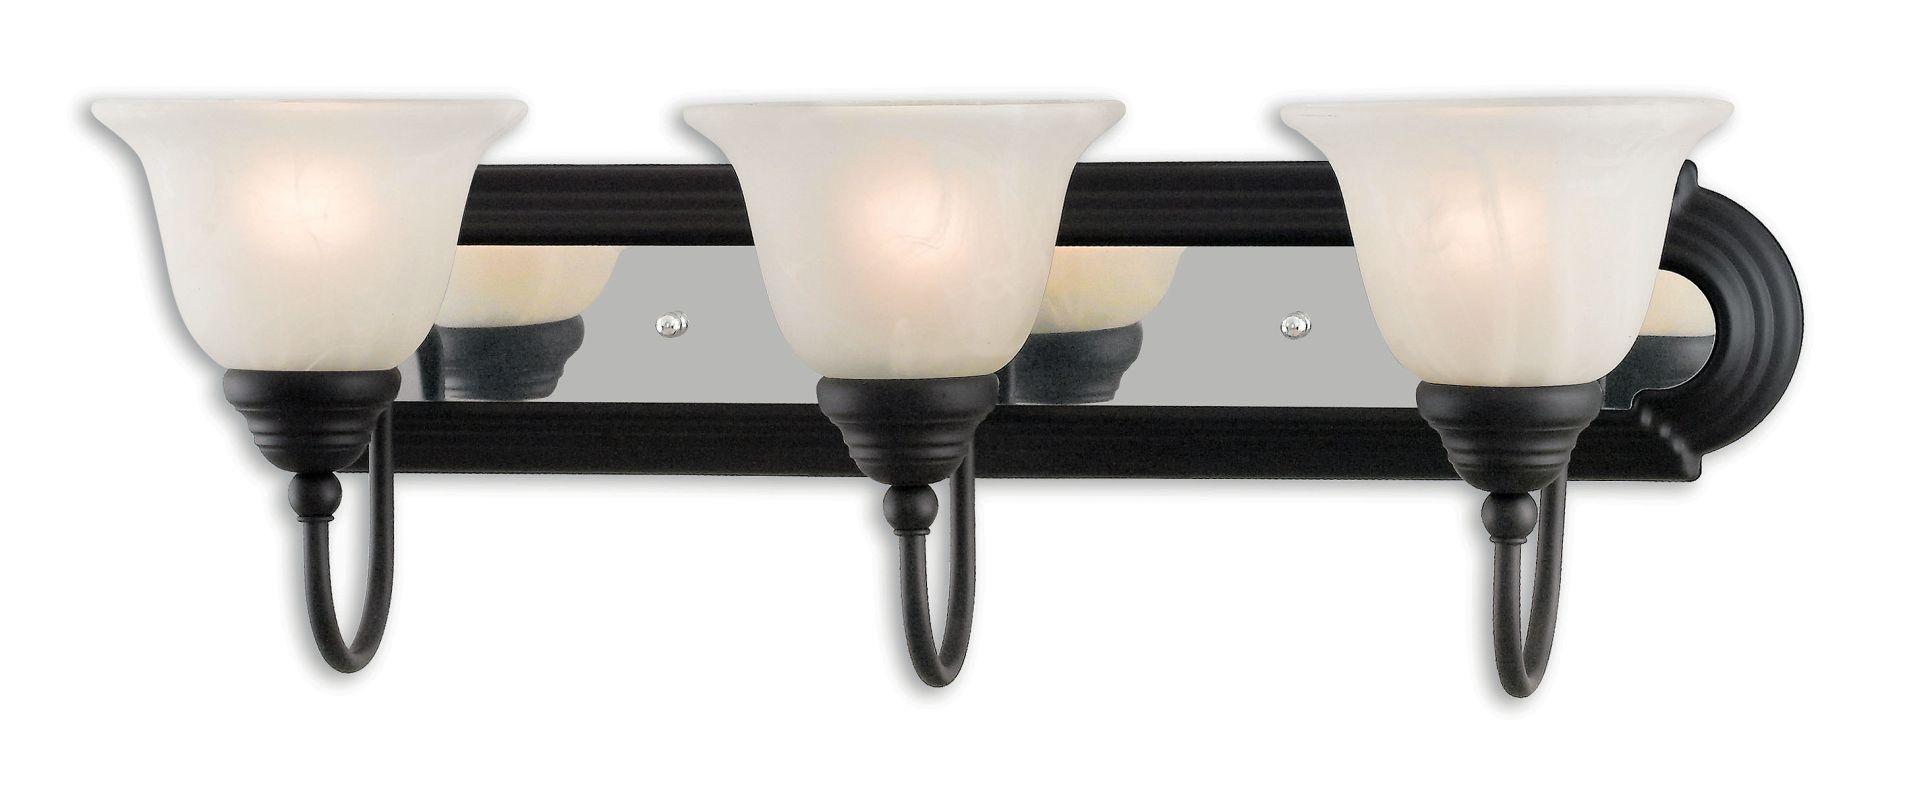 Livex Lighting 1003 Belmont 3 Light Vanity Light Bronze / Chrome